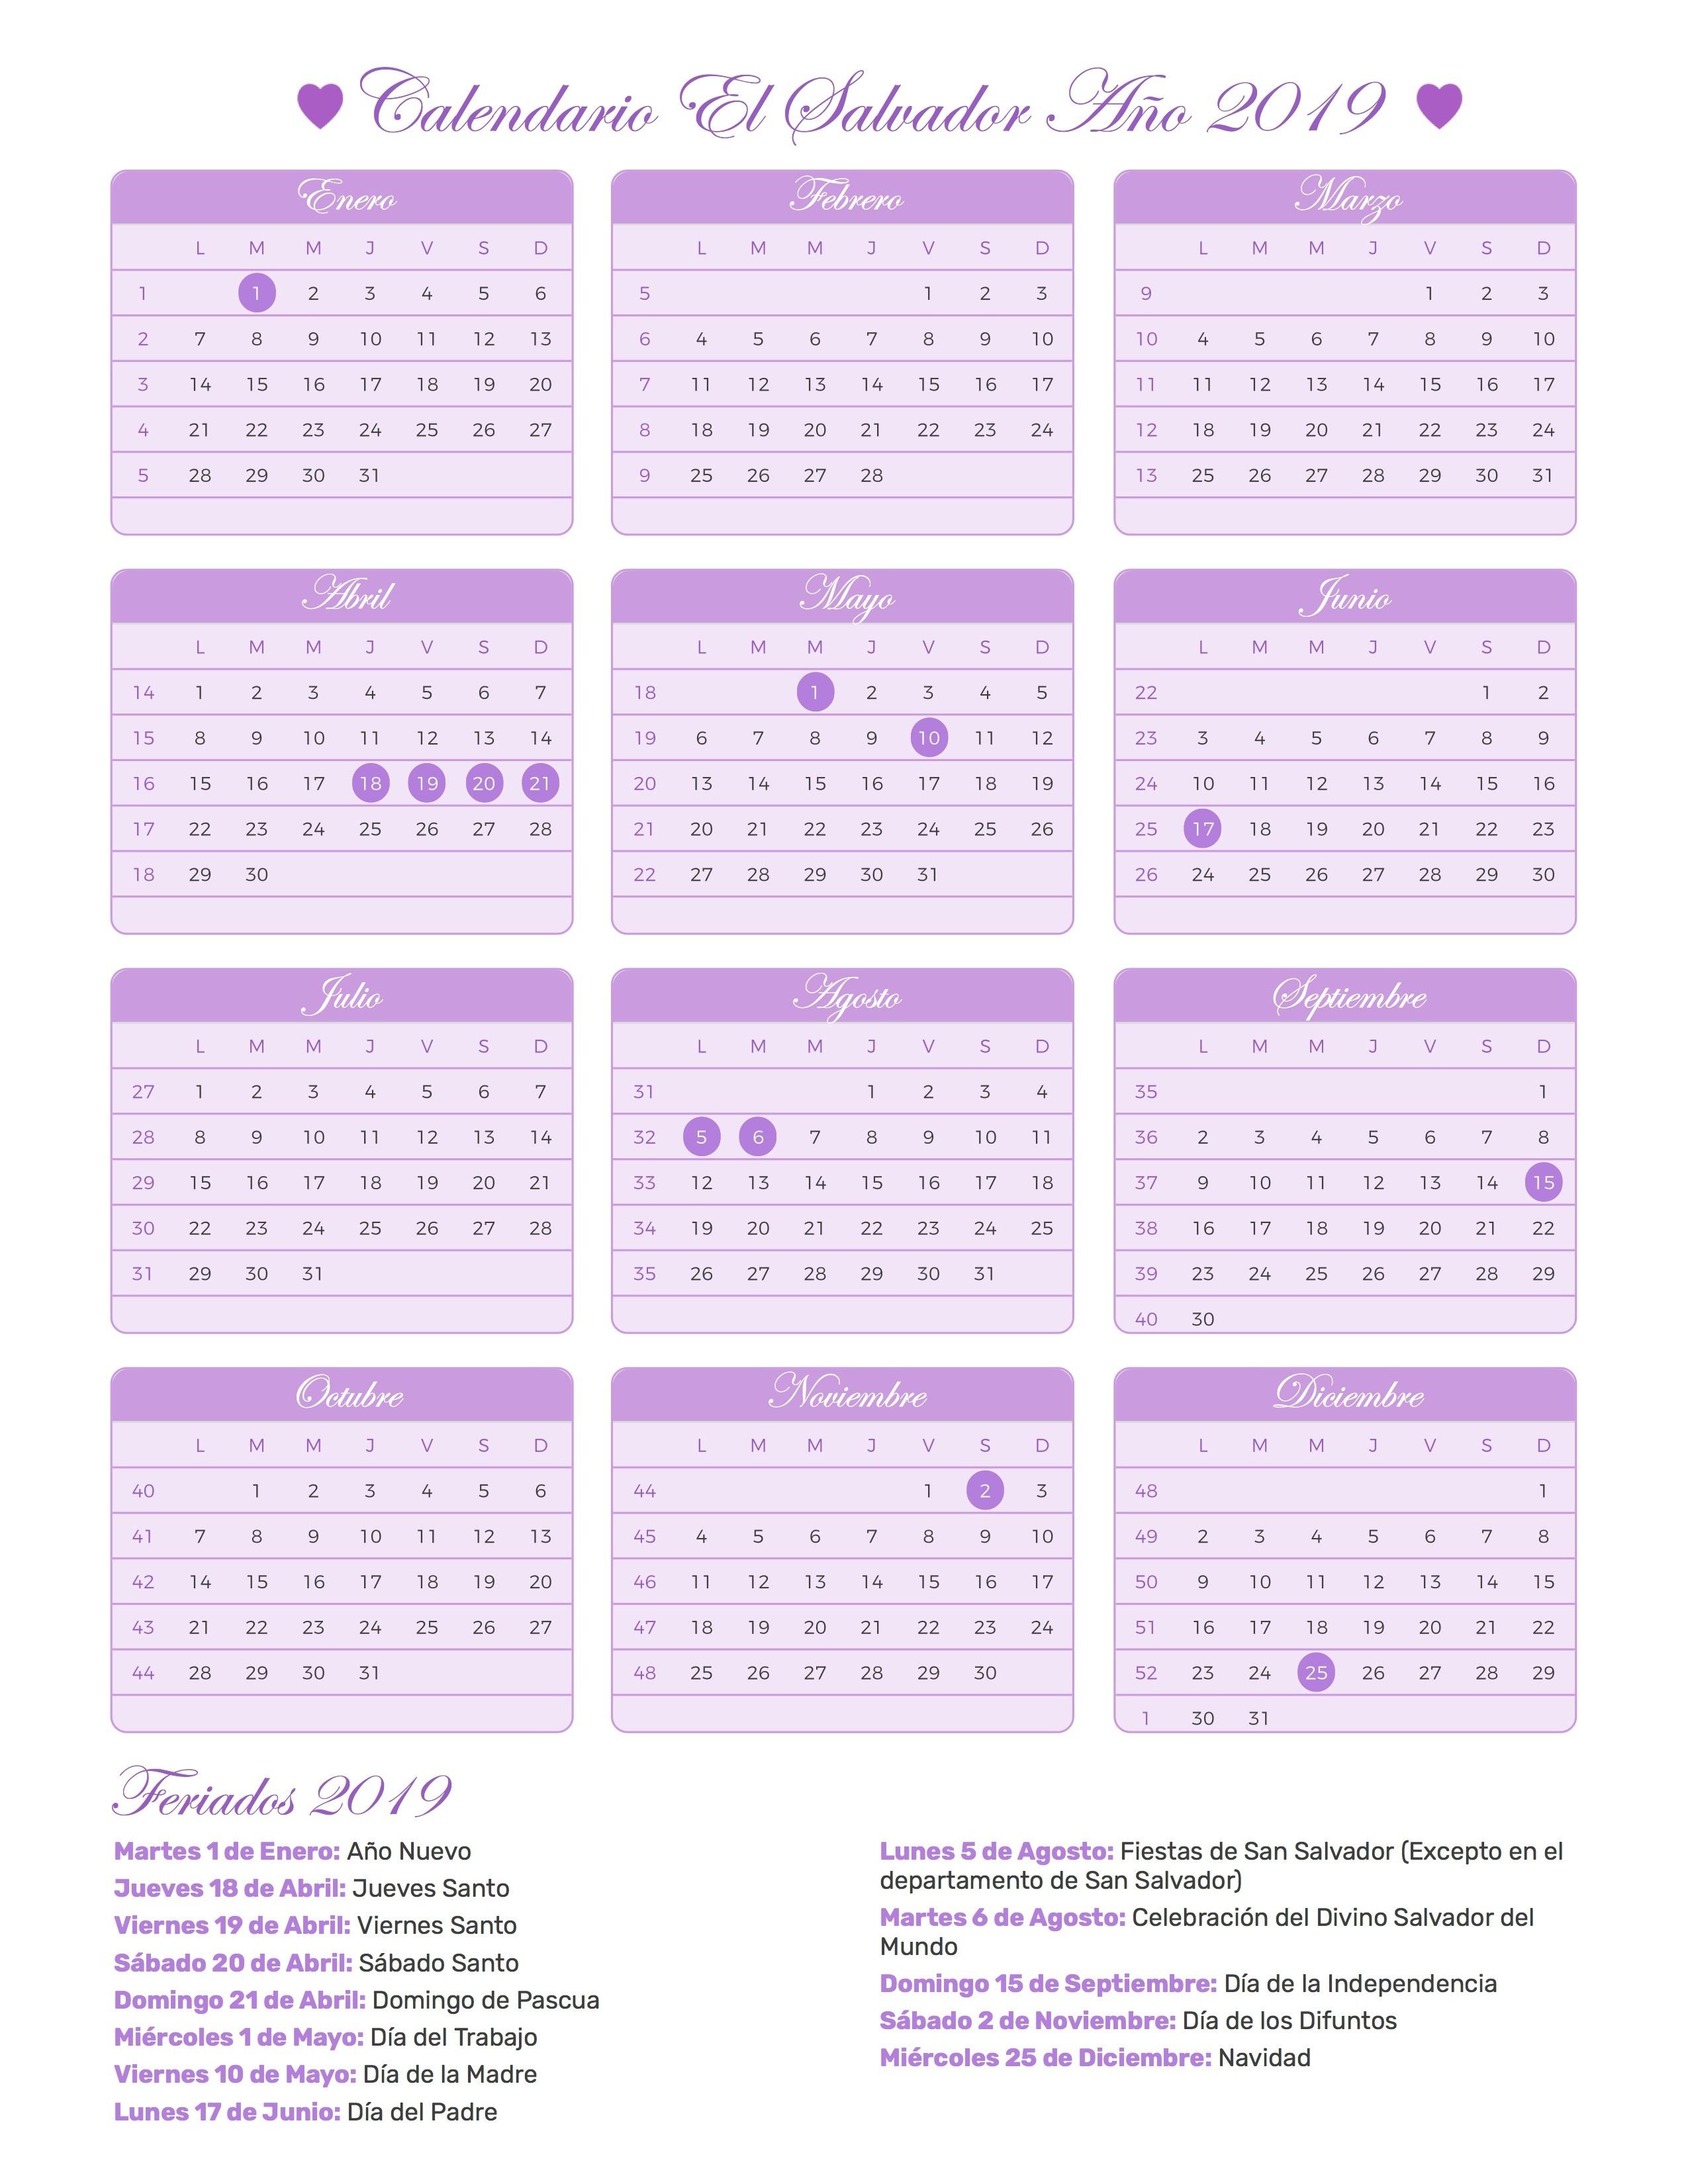 Calendario 2019 Con Feriados Puentes Para Imprimir Más Reciente Festivos 2019 Calendario Liturgico Catolico Of Calendario 2019 Con Feriados Puentes Para Imprimir Mejores Y Más Novedosos 2017 Calendario Calendarios Para Imprimir – the Newninthprecinct